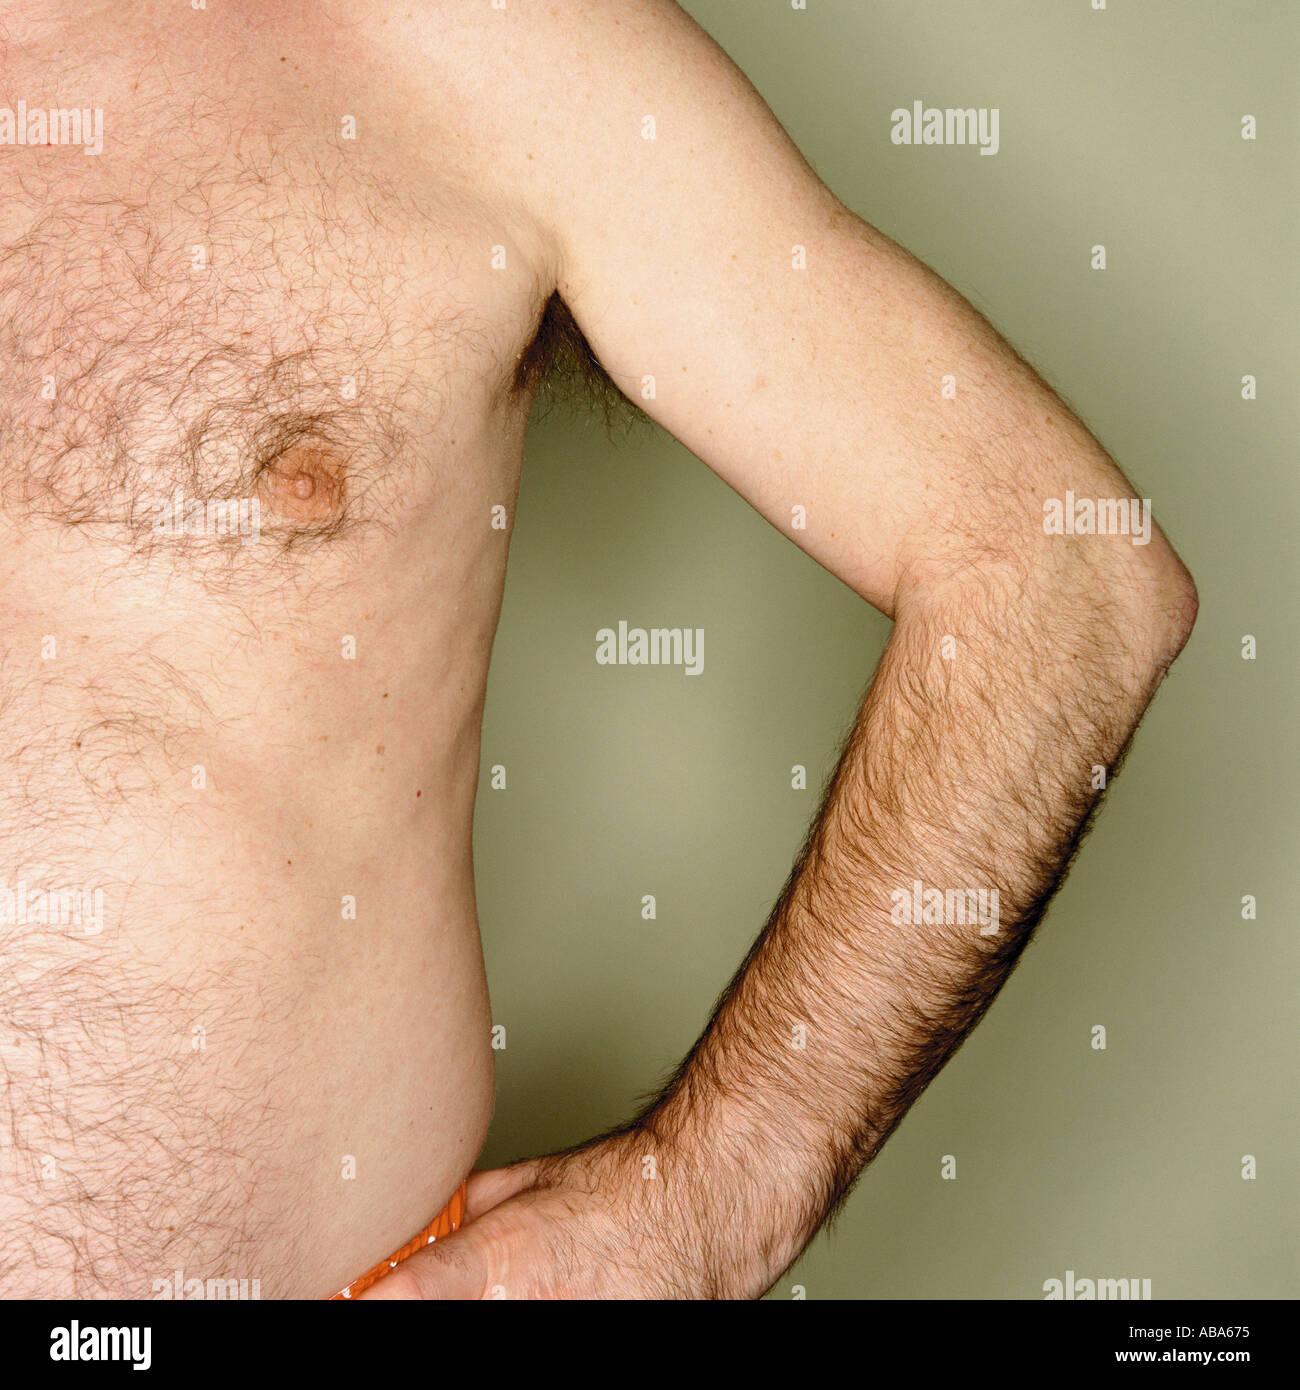 Male abdomen - Stock Image